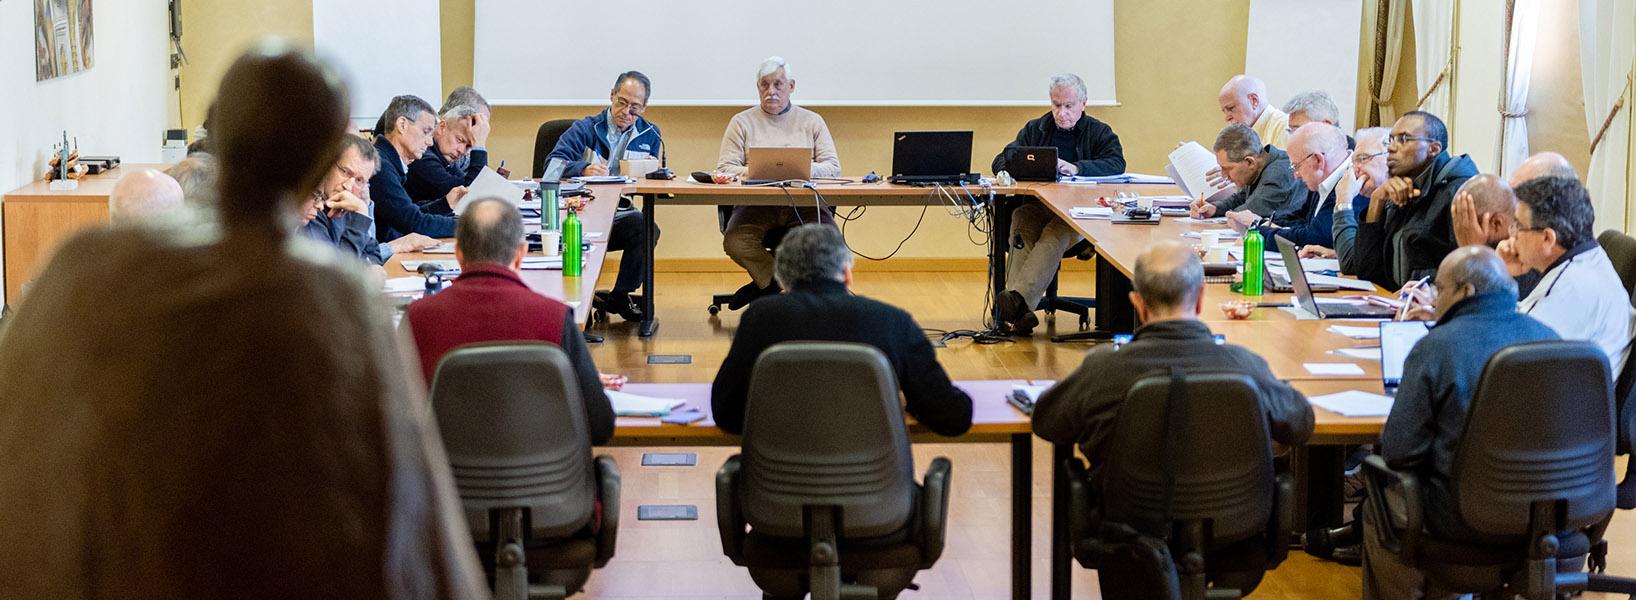 Il Consiglio allargato: i leader dei gesuiti uniti dalla stessa missione